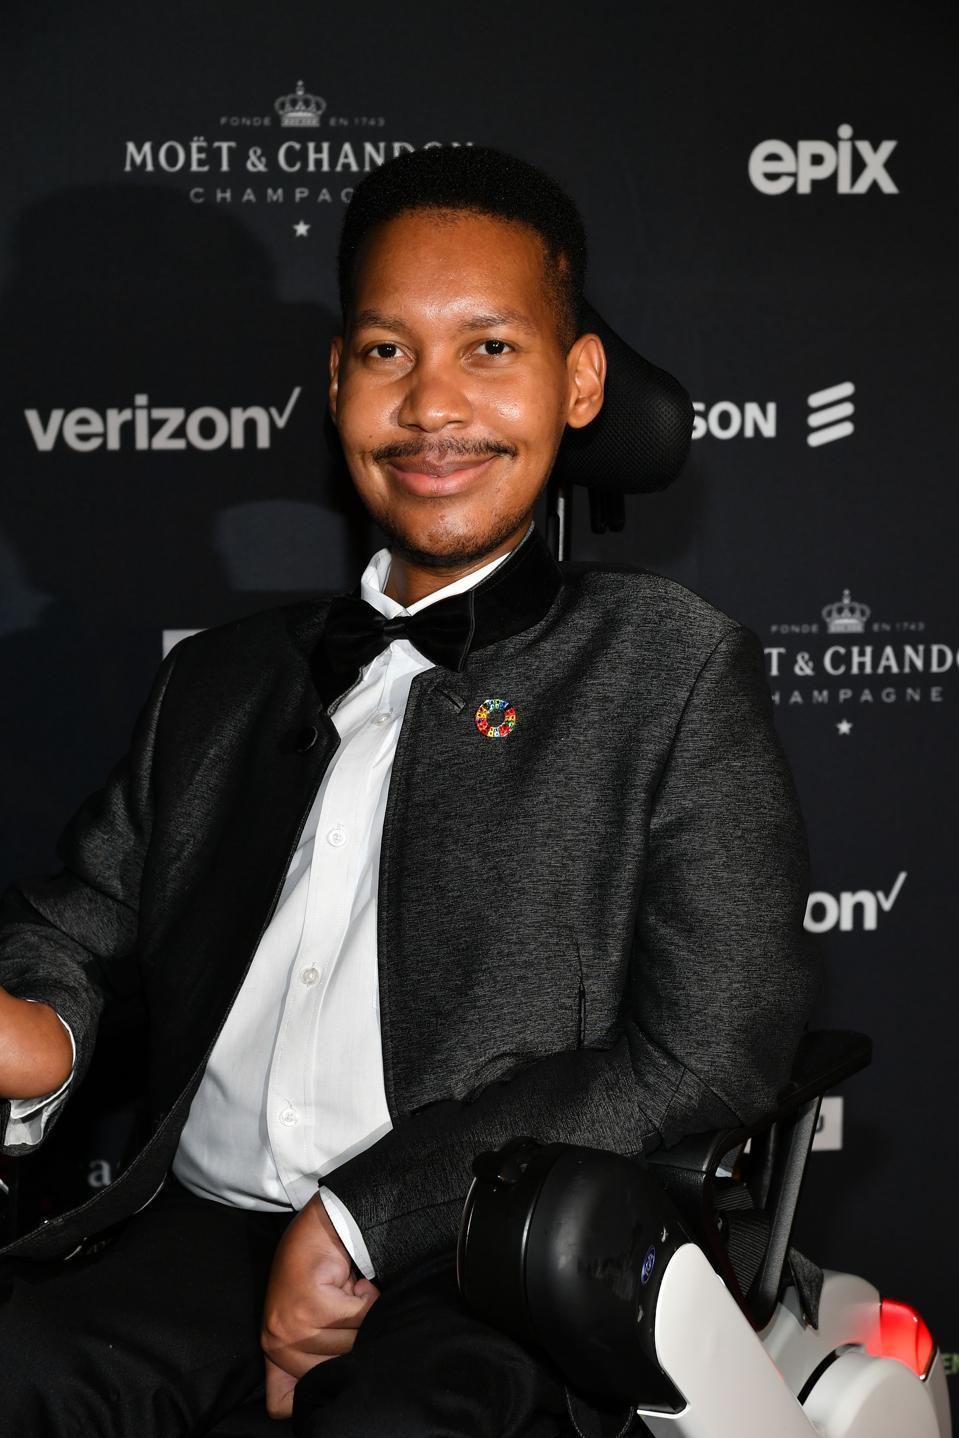 Photo of Eddie Ndopu